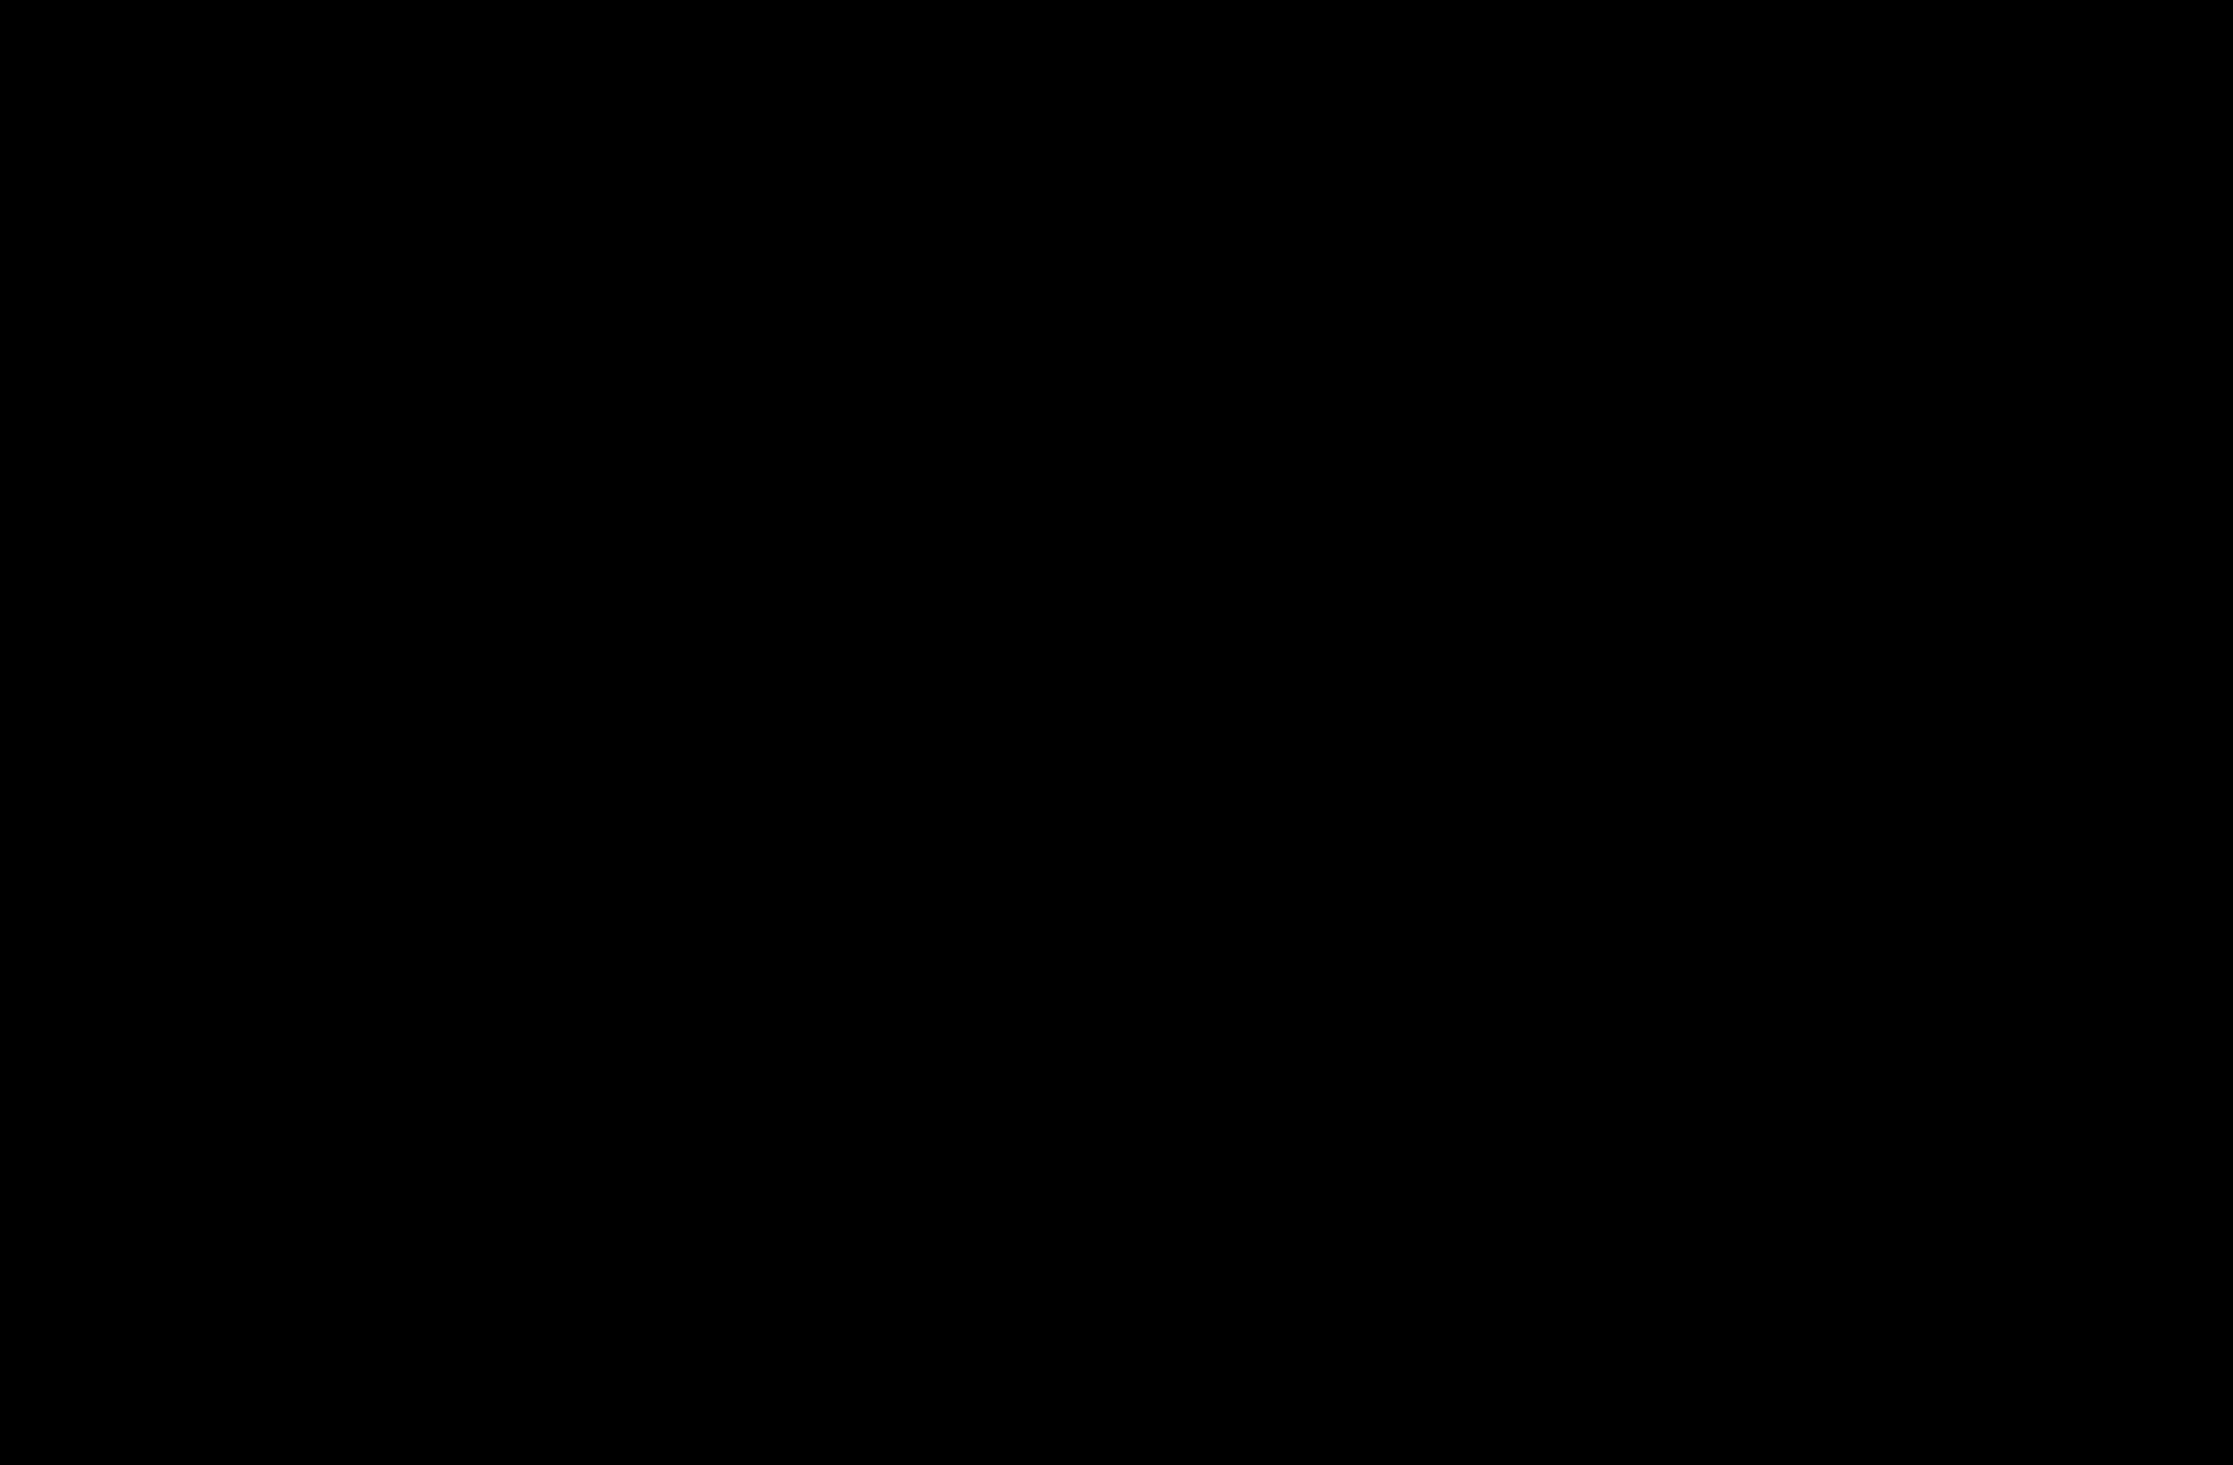 """""""Lumina sfintelor icoane și jertfa apărătorilor Ortodoxiei"""" – Sinteza activităților Bisericii Ortodoxe Române în anul 2017"""